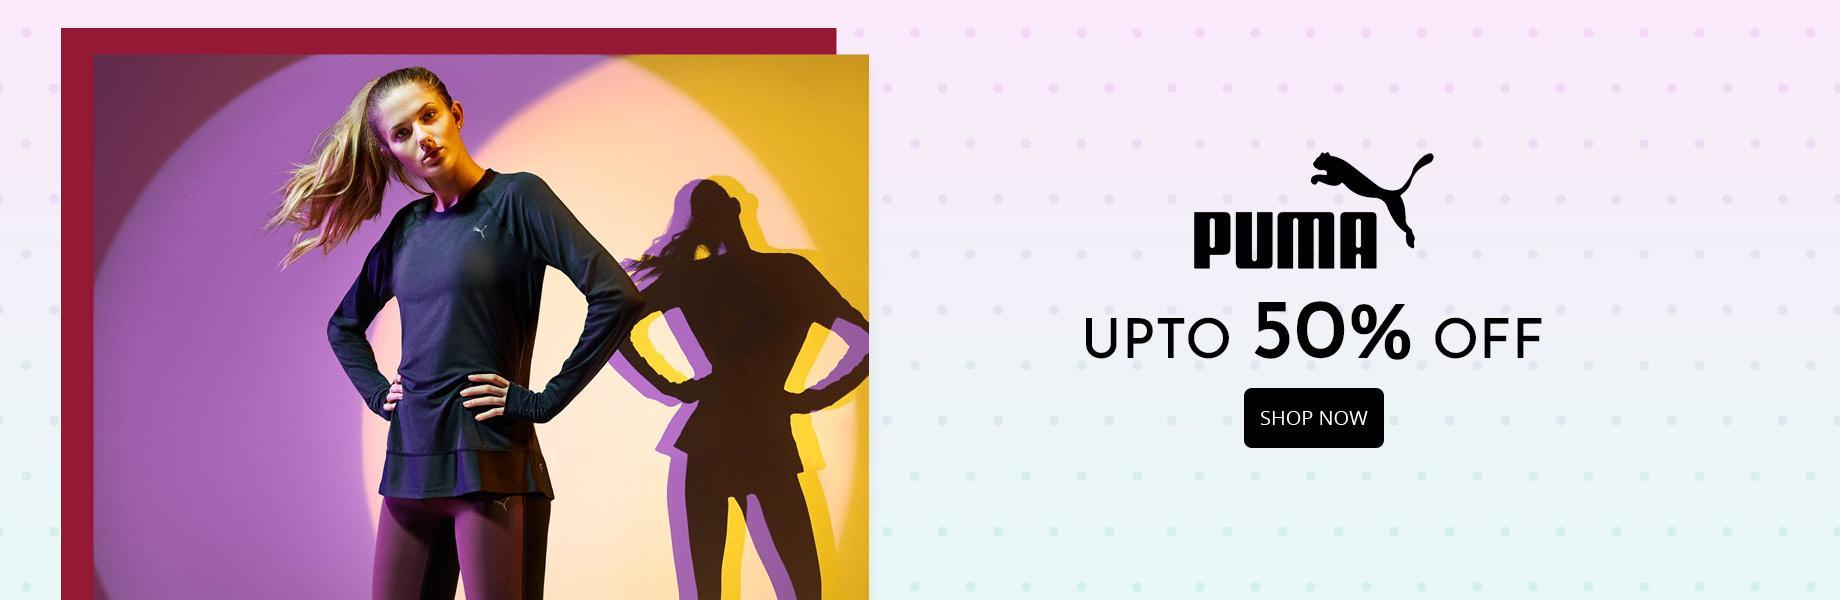 Womens-Page-Athleisure-Static-Puma-Web.jpg